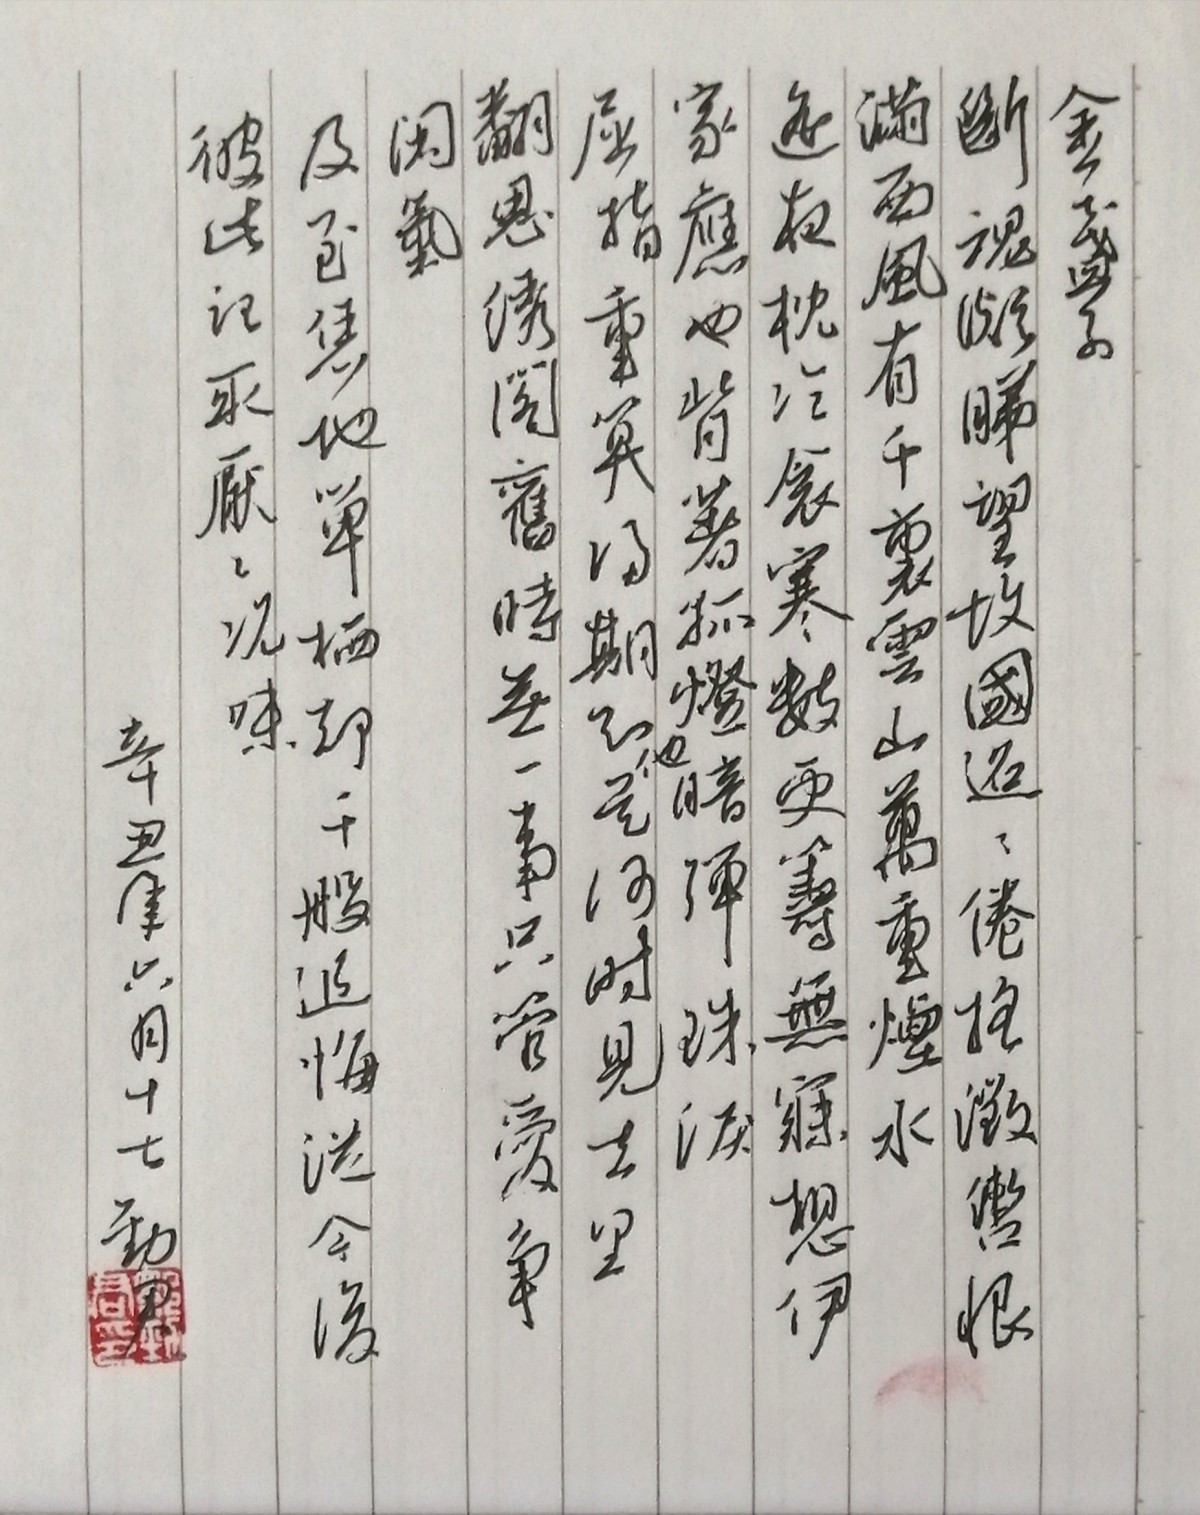 钢笔书法练字打卡20210727-16